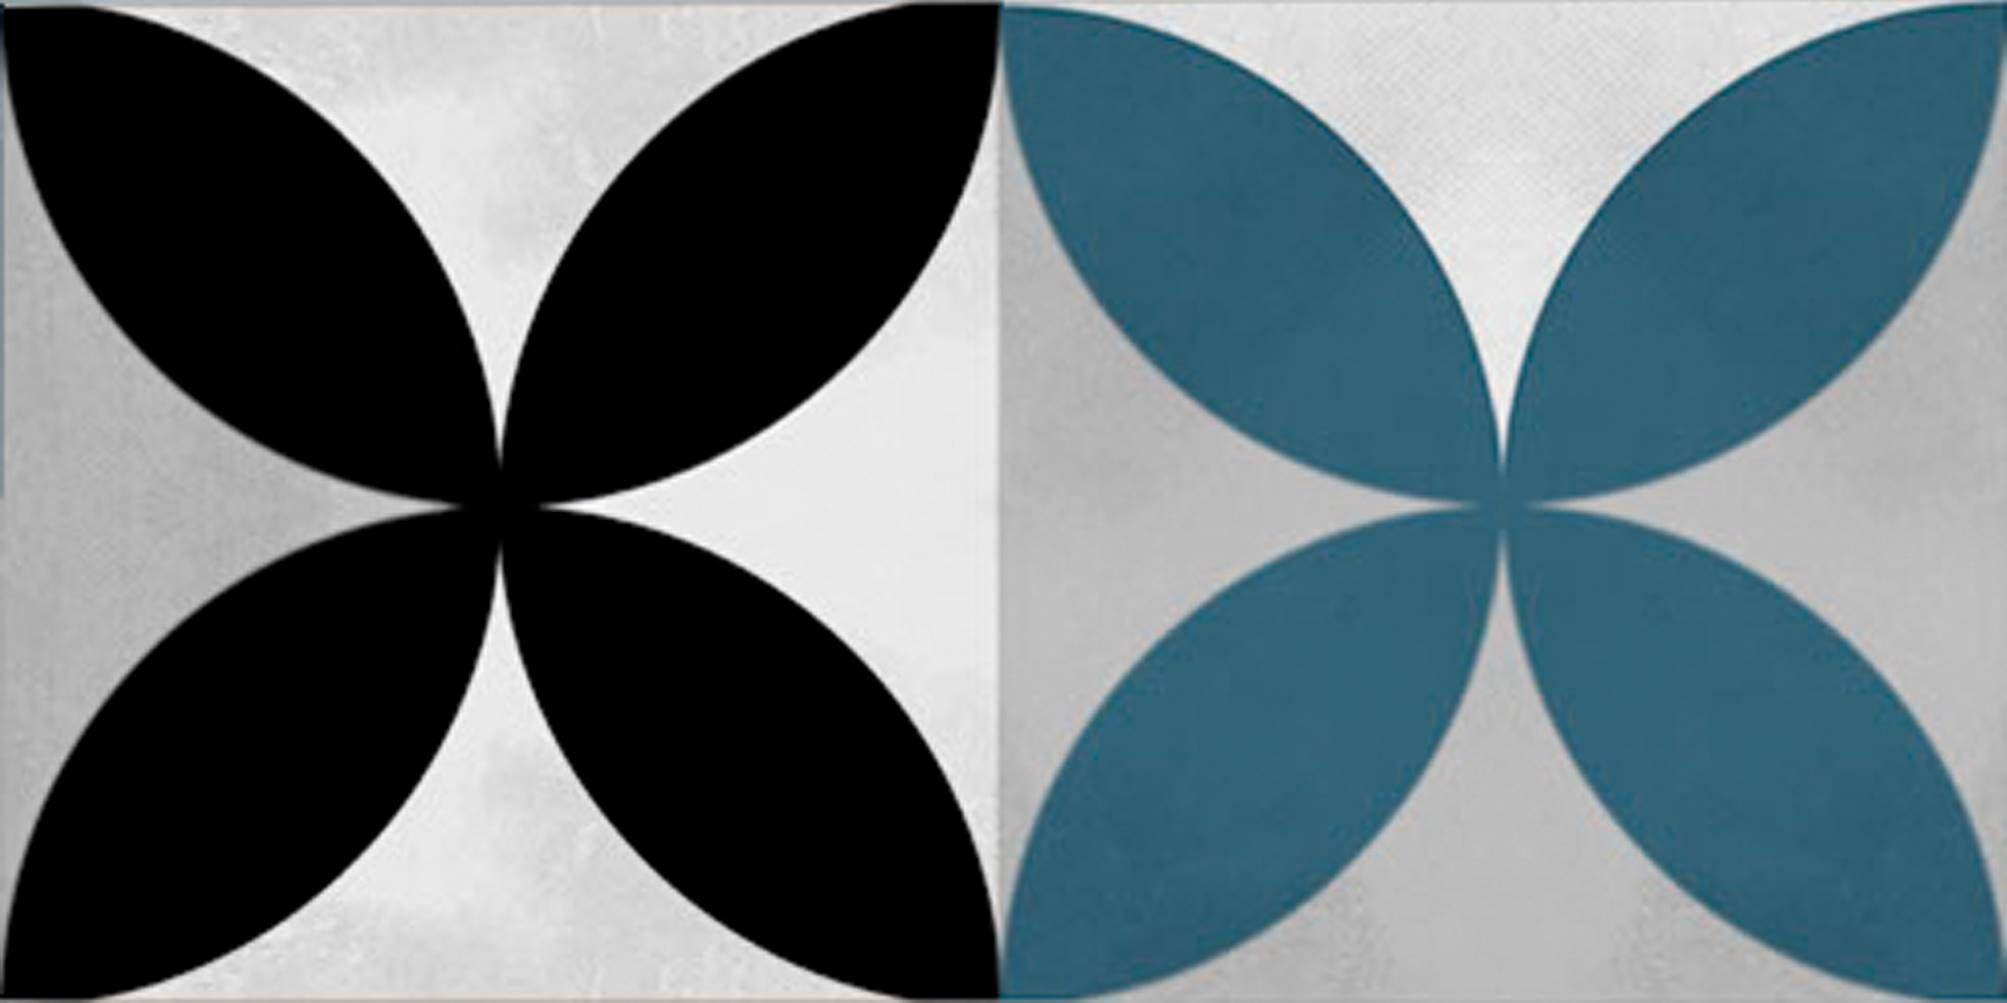 Купить Керамическая плитка Cifre Atmosphere Decor More Marine декор 12, 5x25, Cifre Ceramica, Испания